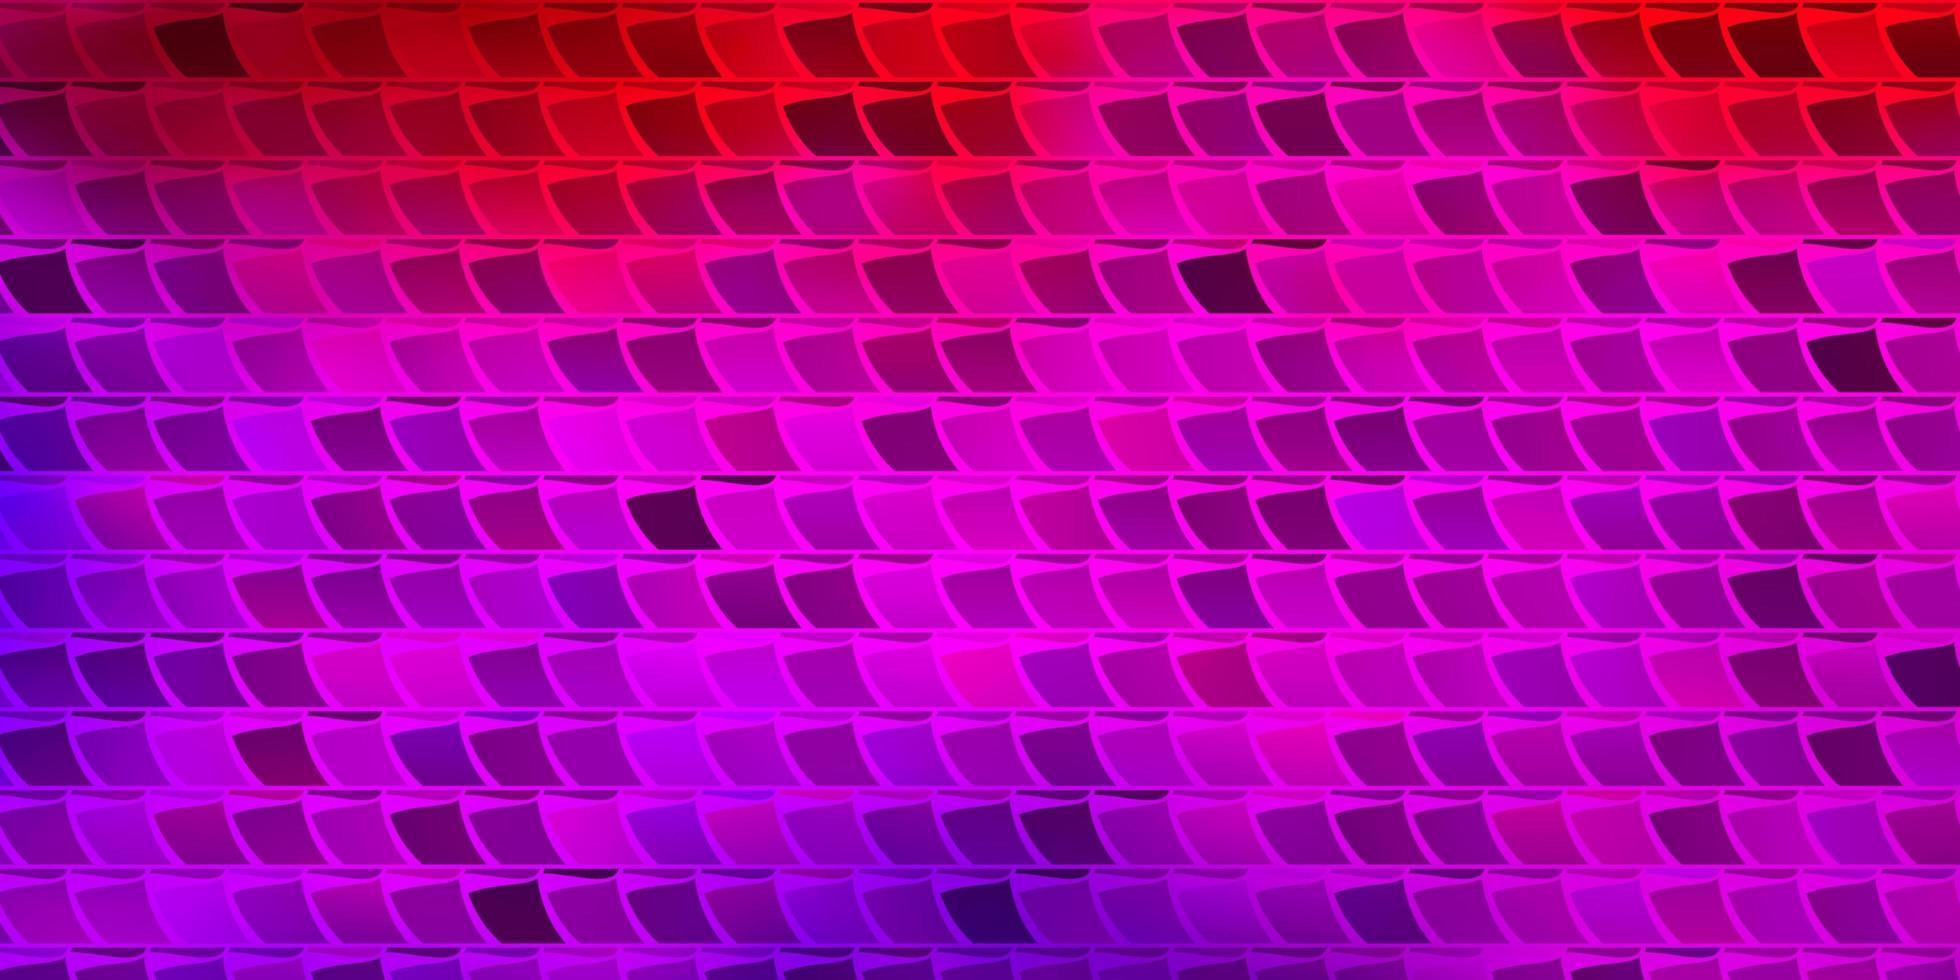 fundo vector rosa claro, vermelho com retângulos.